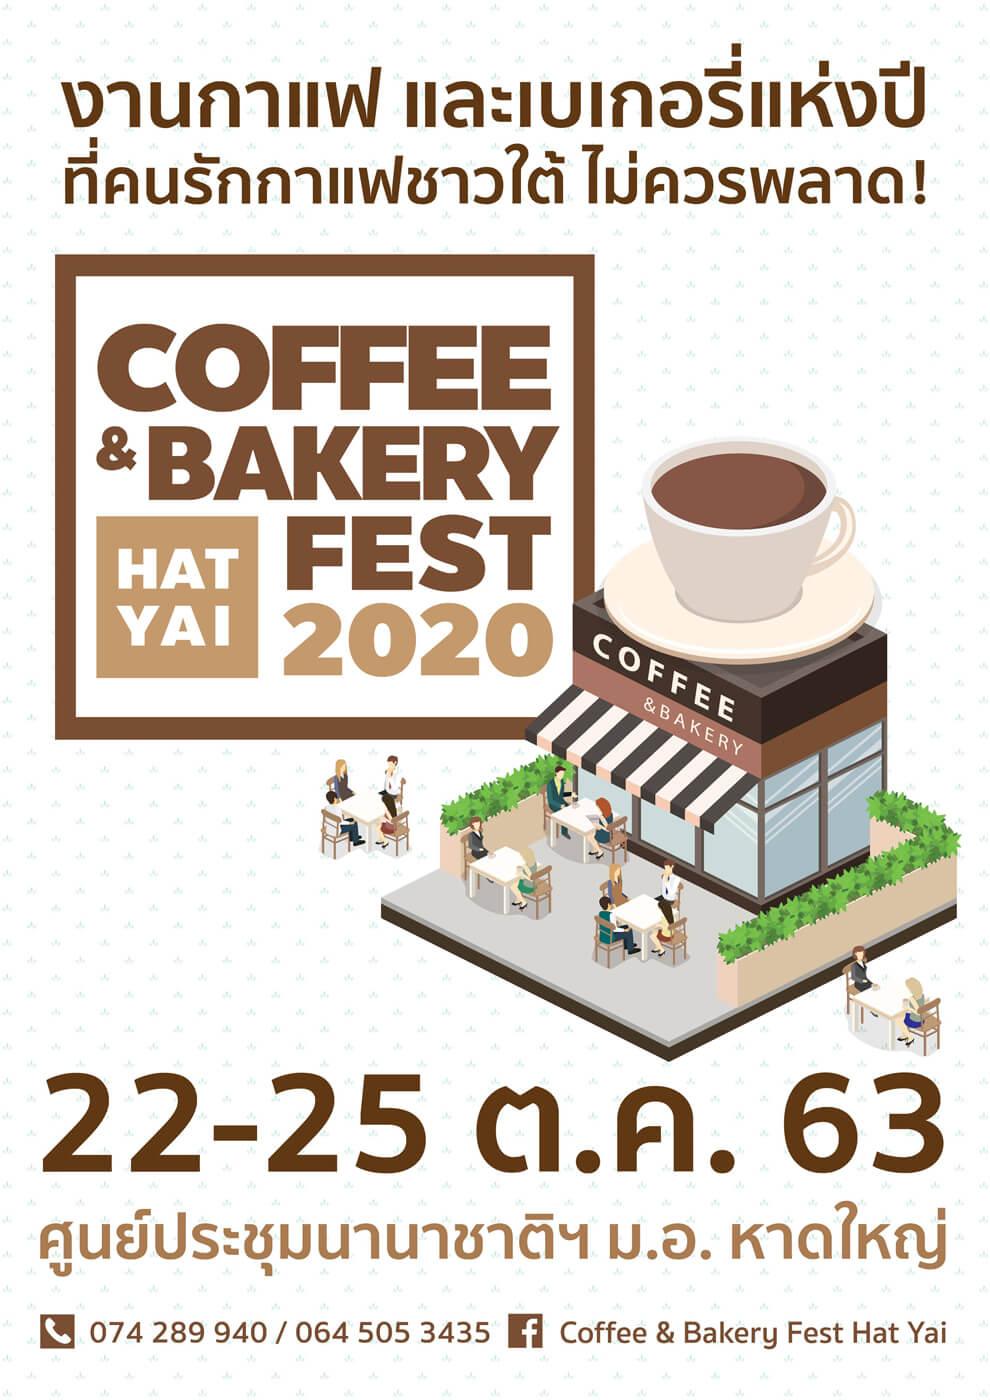 Coffee 2020 ICC HATYAI ศูนย์ประชุมนานาชาติฉลองสิริราชสมบัติครบ ๖๐ ปี